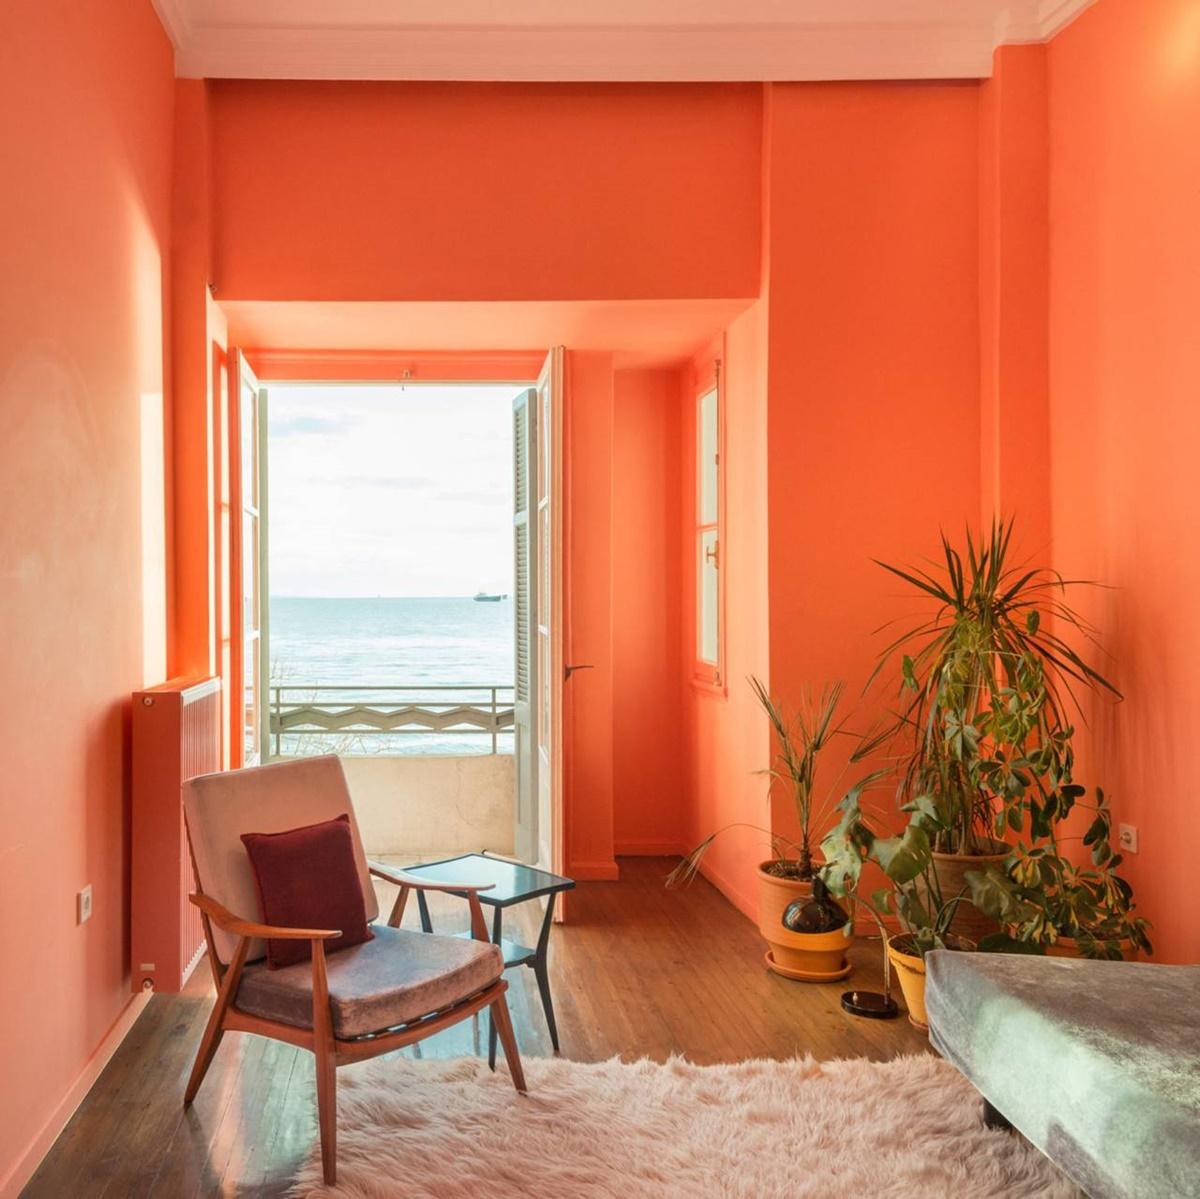 Bạn sẽ tận hưởng một không gian sống thoải mái, dễ chịu với gam màu cam đất